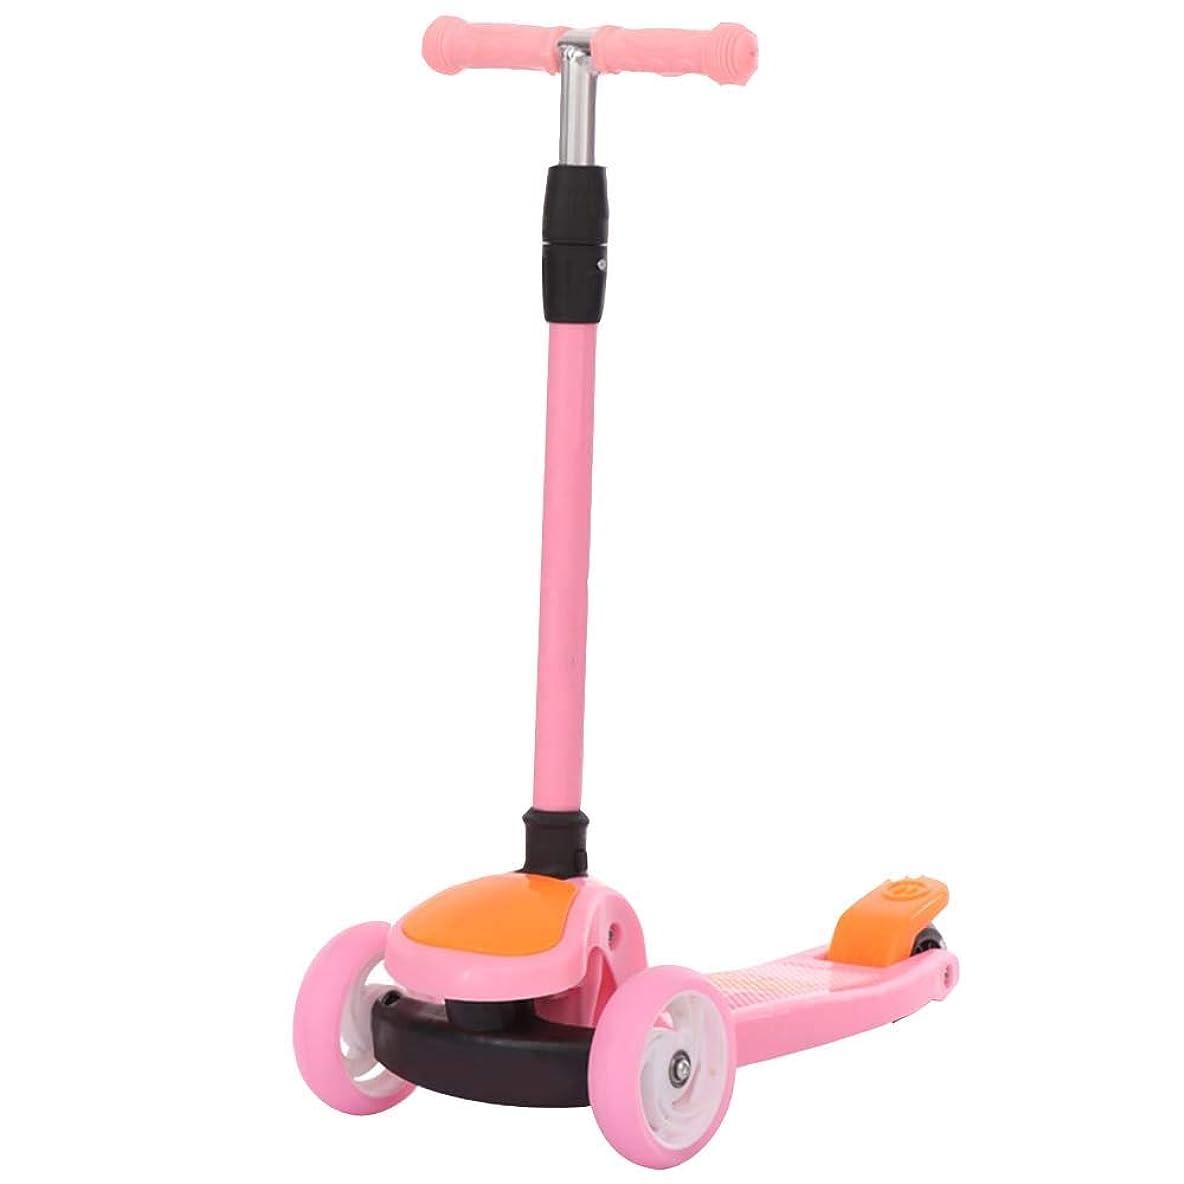 インフラ日曜日前投薬YUMEIGE キックボード キックスクーター 二重後輪が付いているスクーター3の高さの調節可能な子供のスクーター3の車輪のスクーターの耐荷重60 Kg 2-8子供のギフトのために適した 利用可能